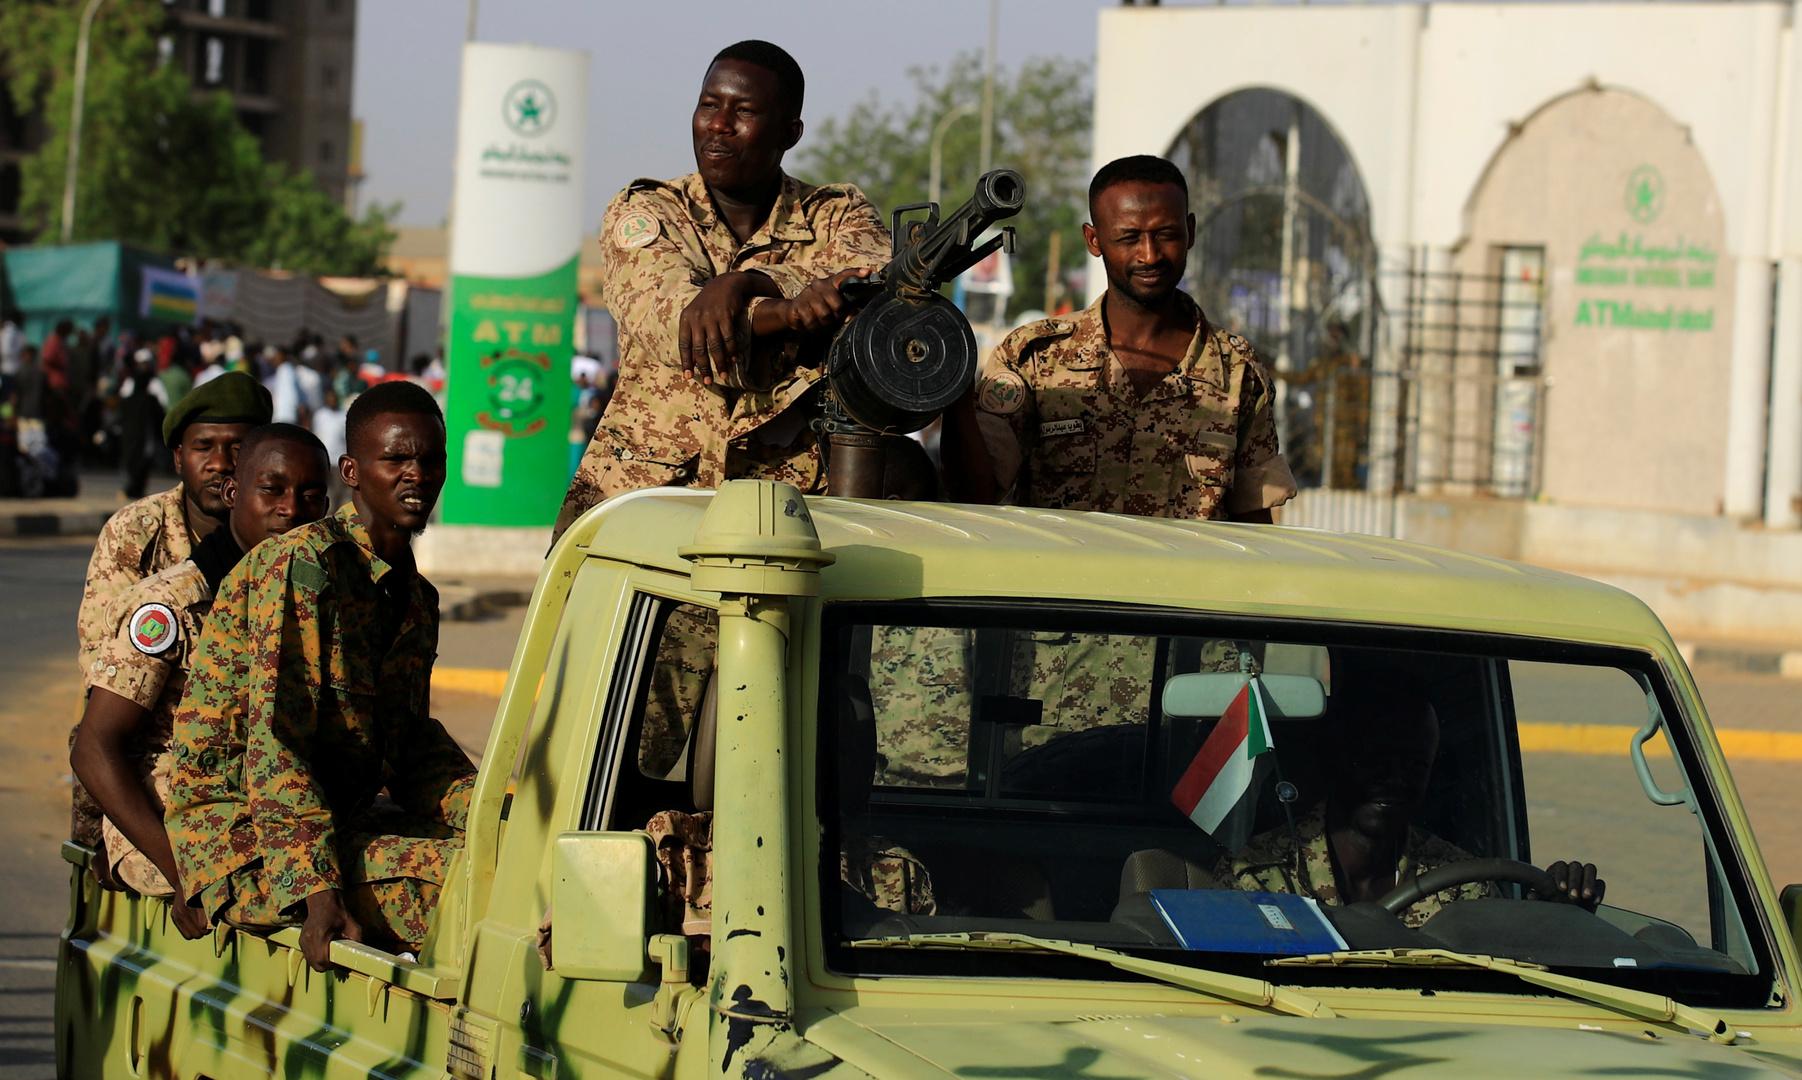 السودان.. القوات العسكرية تتدخل بعد مقتل 36 شخصا في اشتباكات قبلية بولاية جنوب دارفور